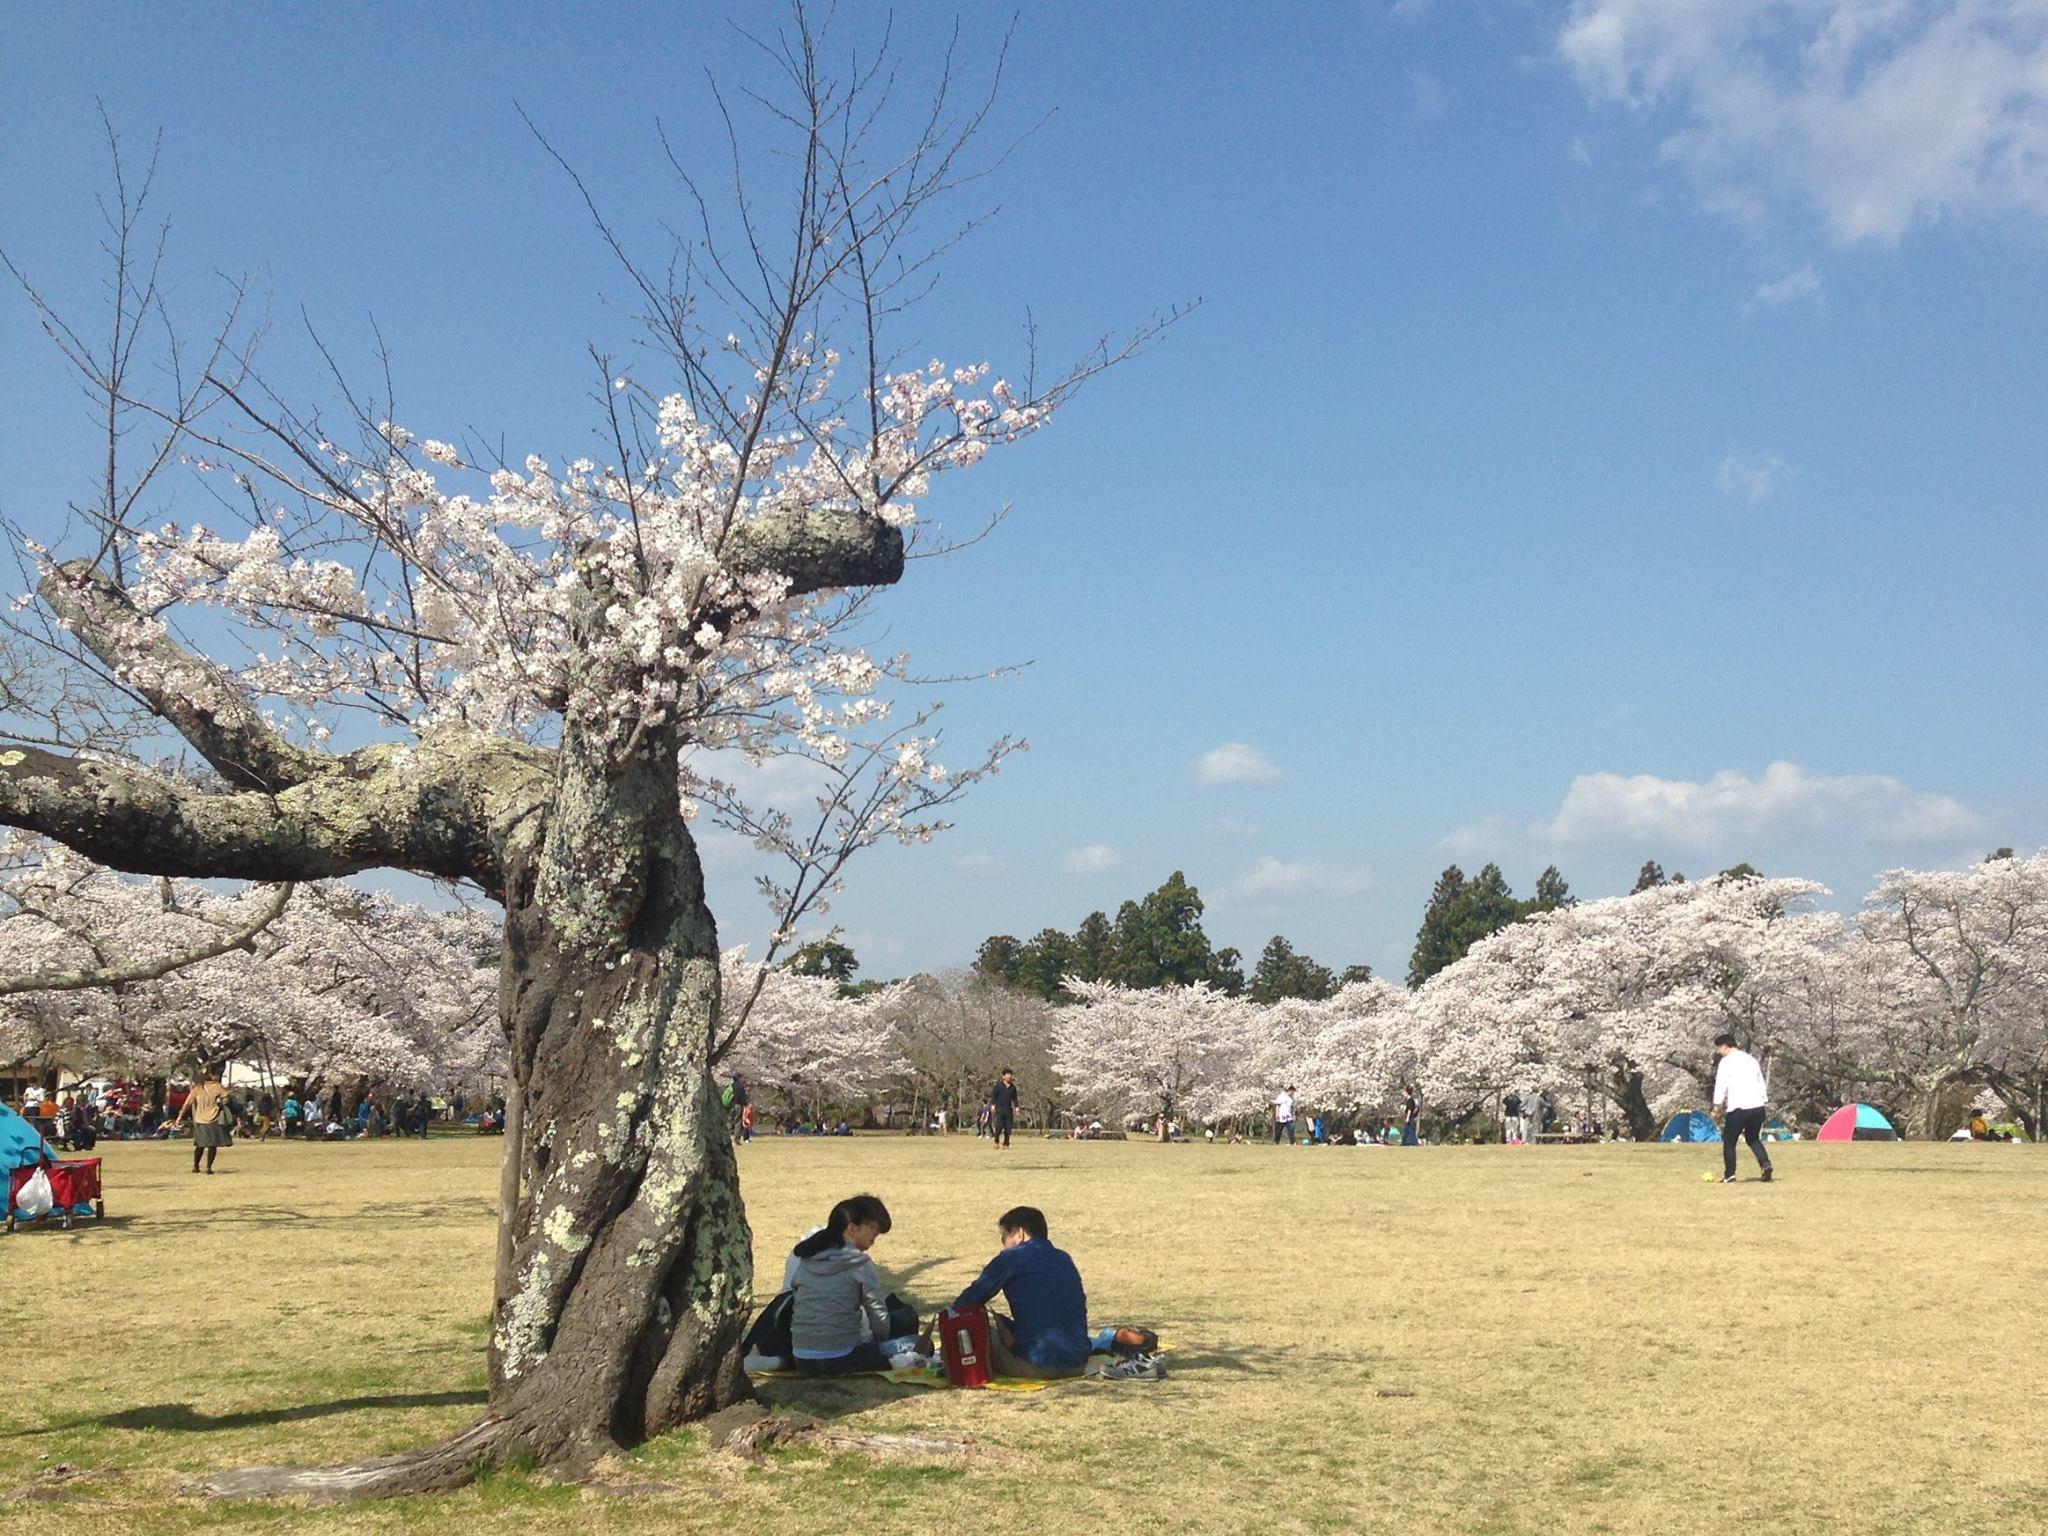 仙台で楽しめる公園TOP10!自然を感じてリフレッシュしよう